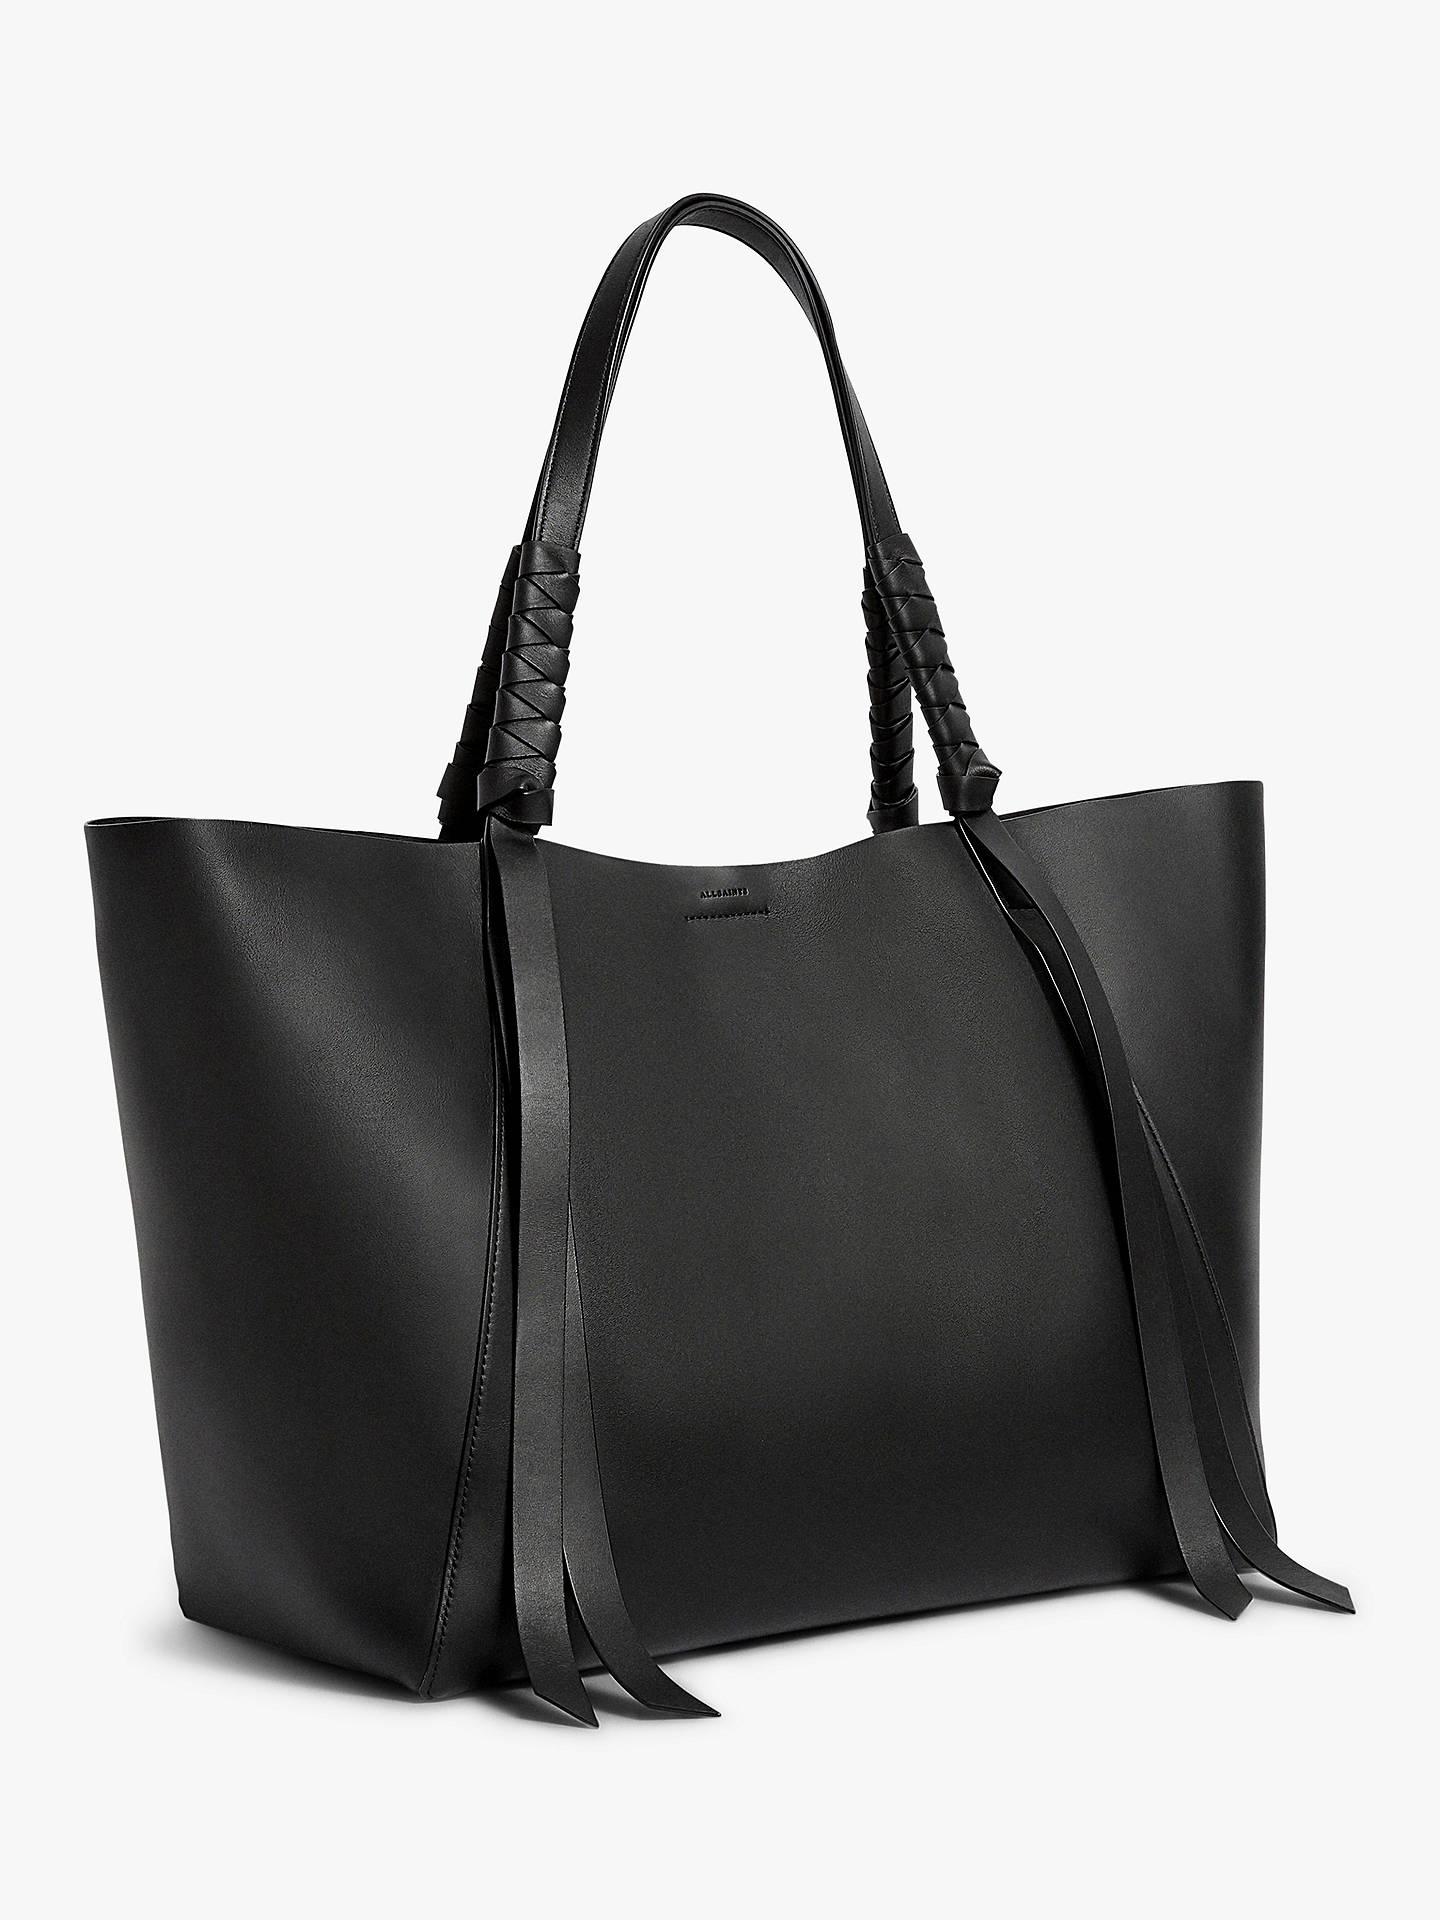 d66d8e2cca AllSaints Voltaire East West Leather Tote Bag at John Lewis   Partners